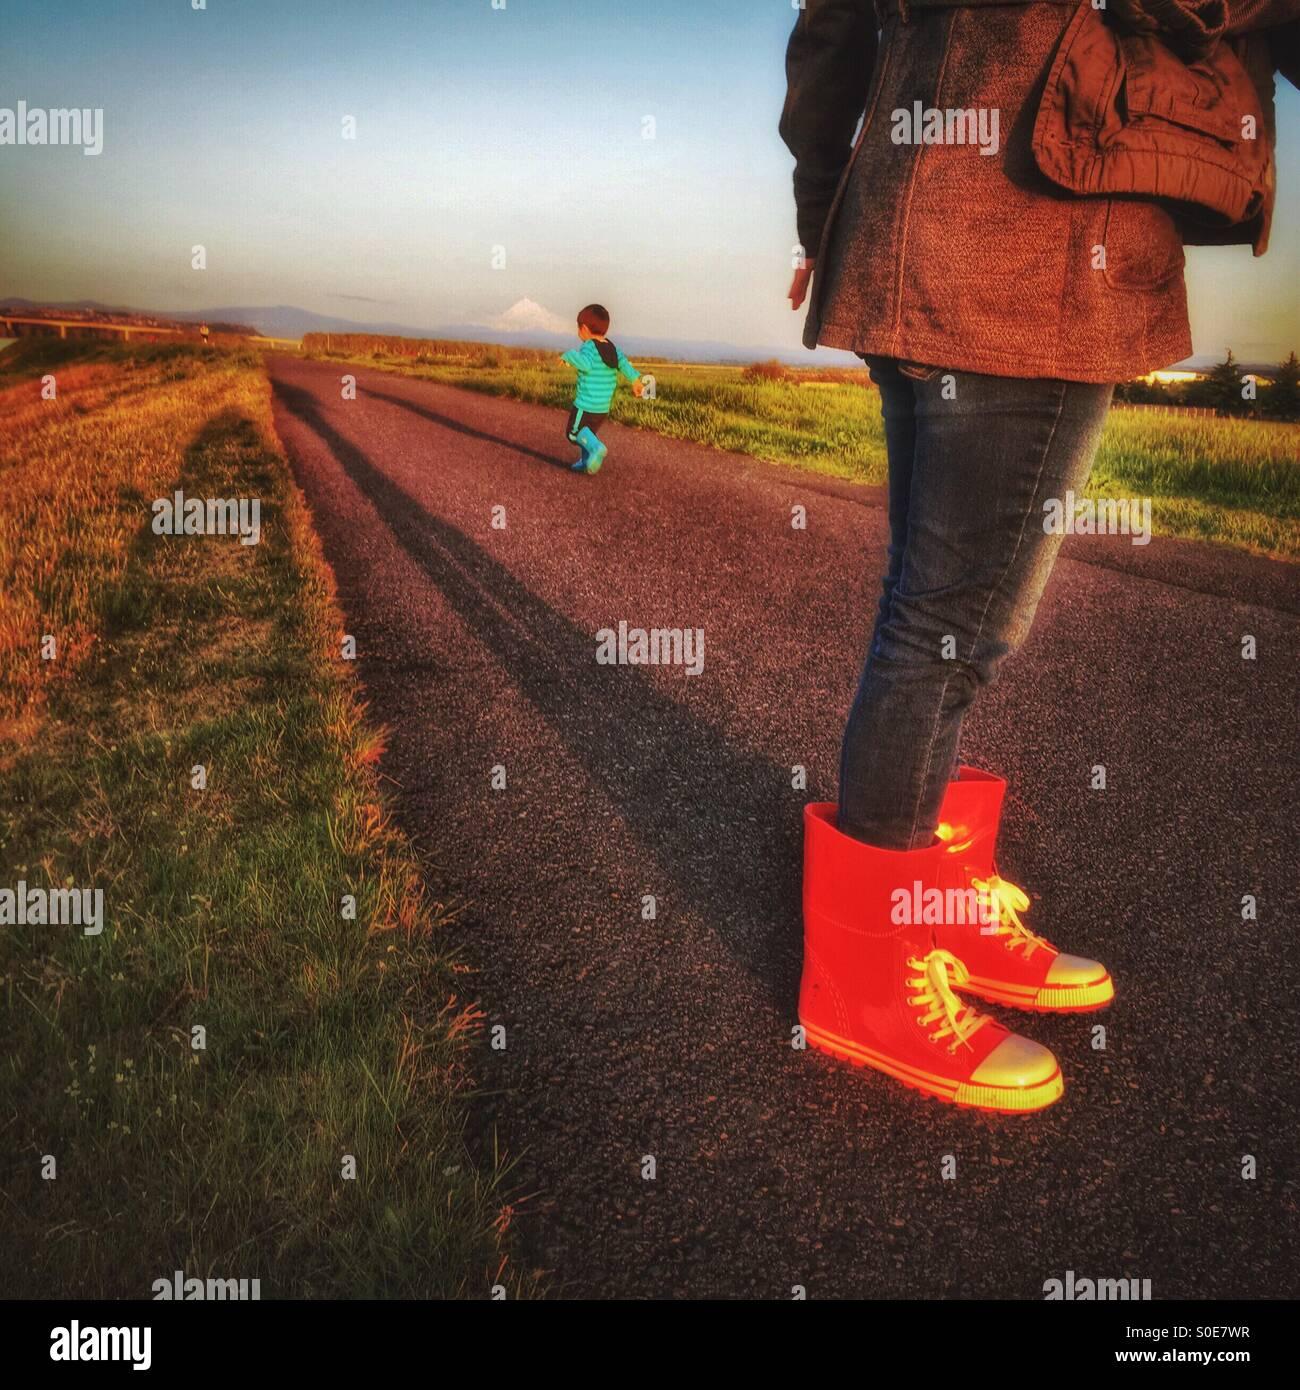 Eine Mutter mit roten Stiefeln Uhren während ihrem kleinen Jungen auf dem Weg in den späten Nachmittag Stockbild